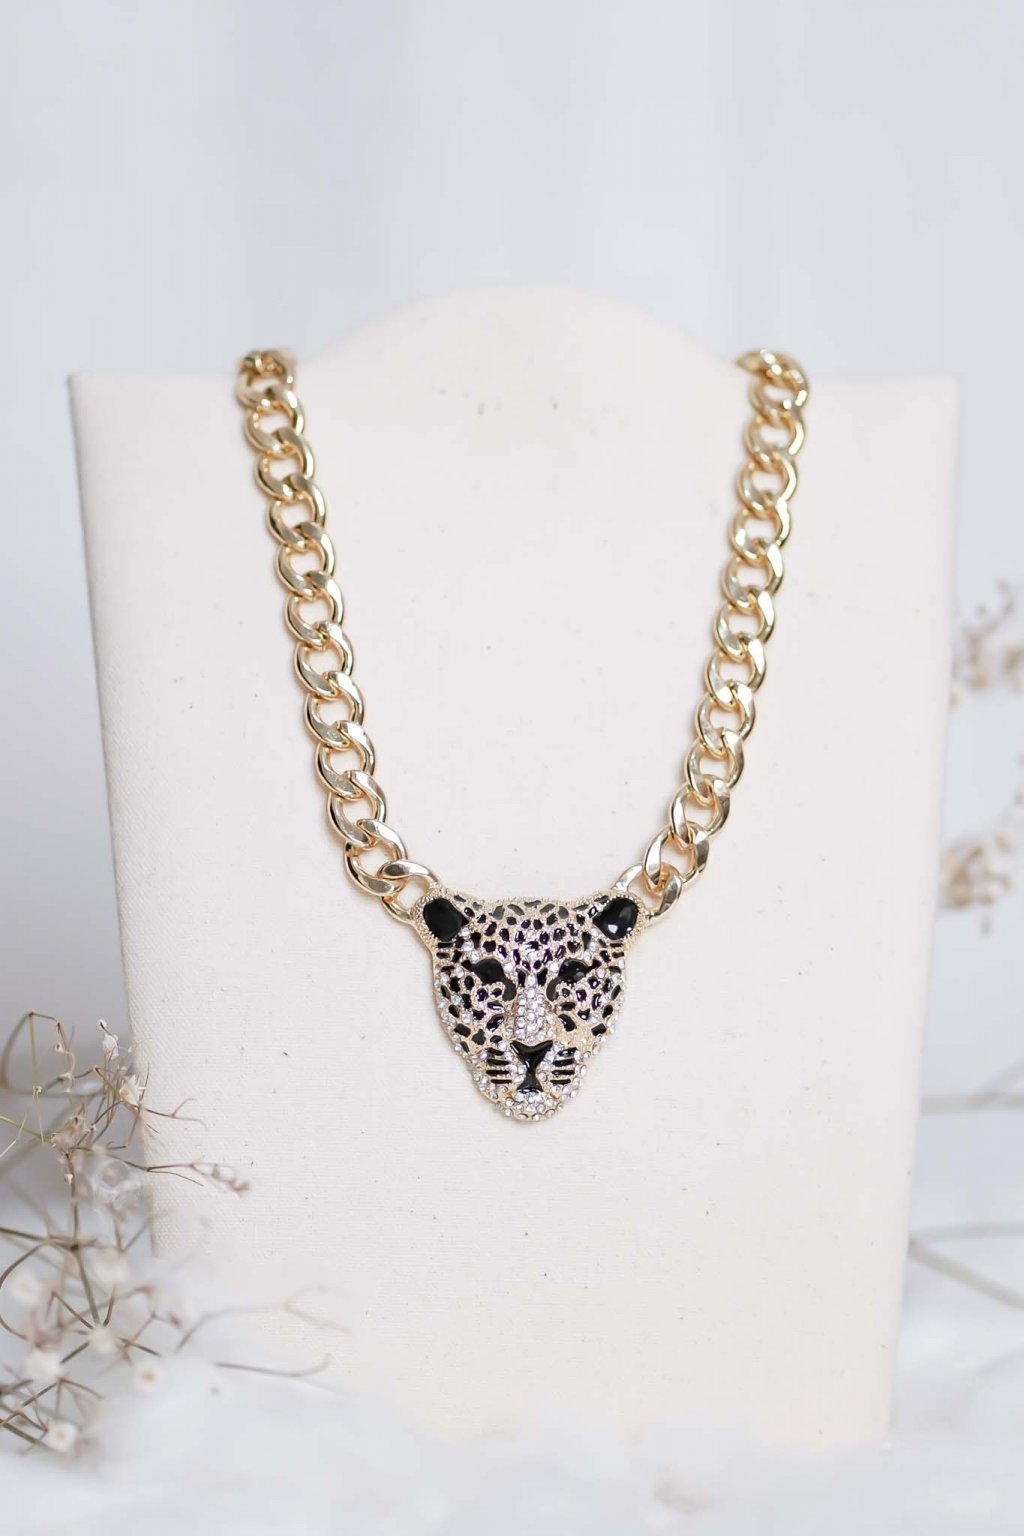 náhrdelník, spoločenský, bežný deň, kamienkový, farebný, čierny, strieborný, zelený, cyklamenévy, náhrdelník, bižuteria, šperk, šperky, ples, stužková, svadba, 016